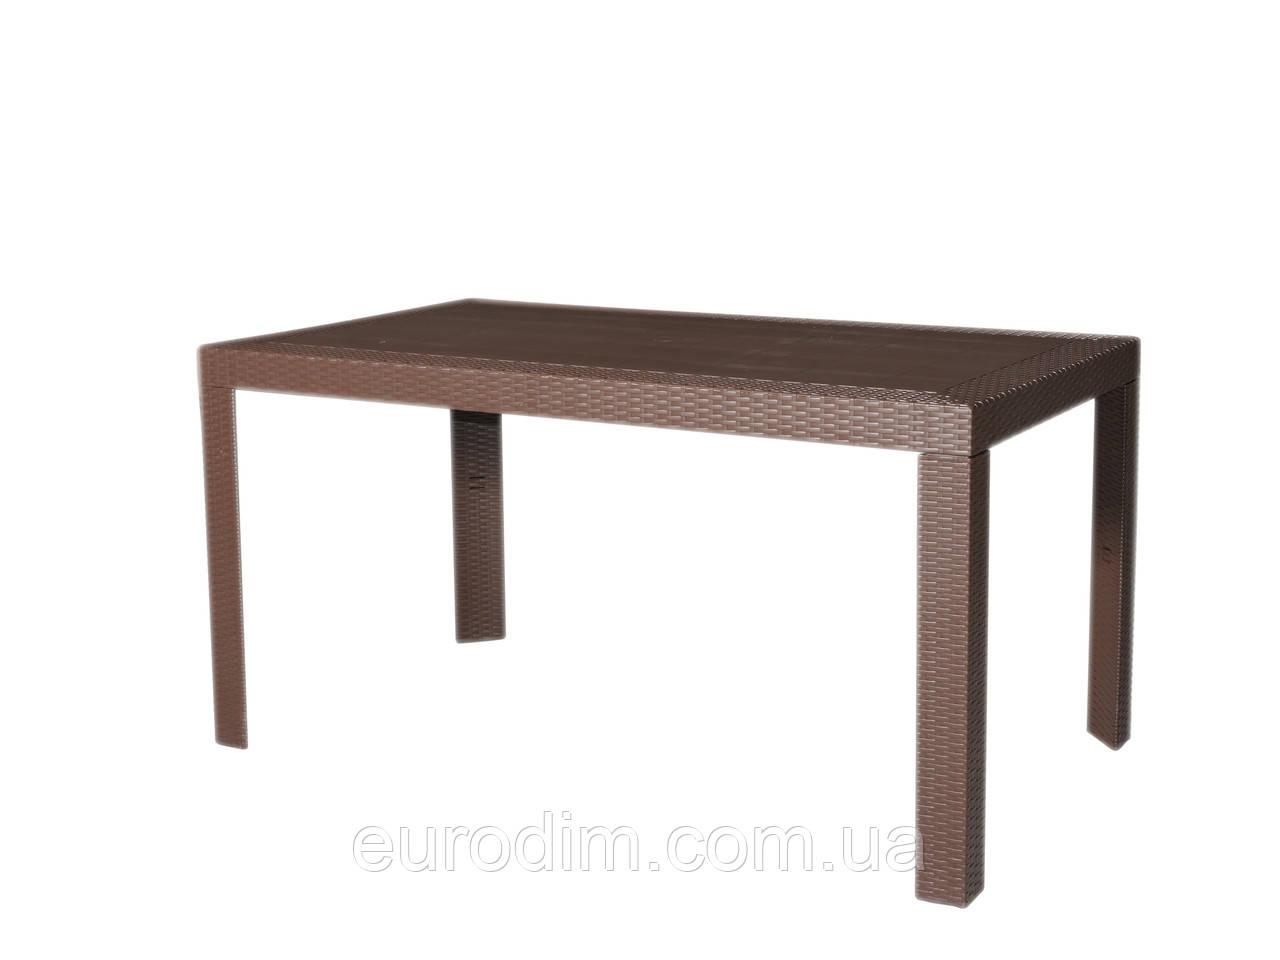 Стол OW-T209S прямоугольный коричневый